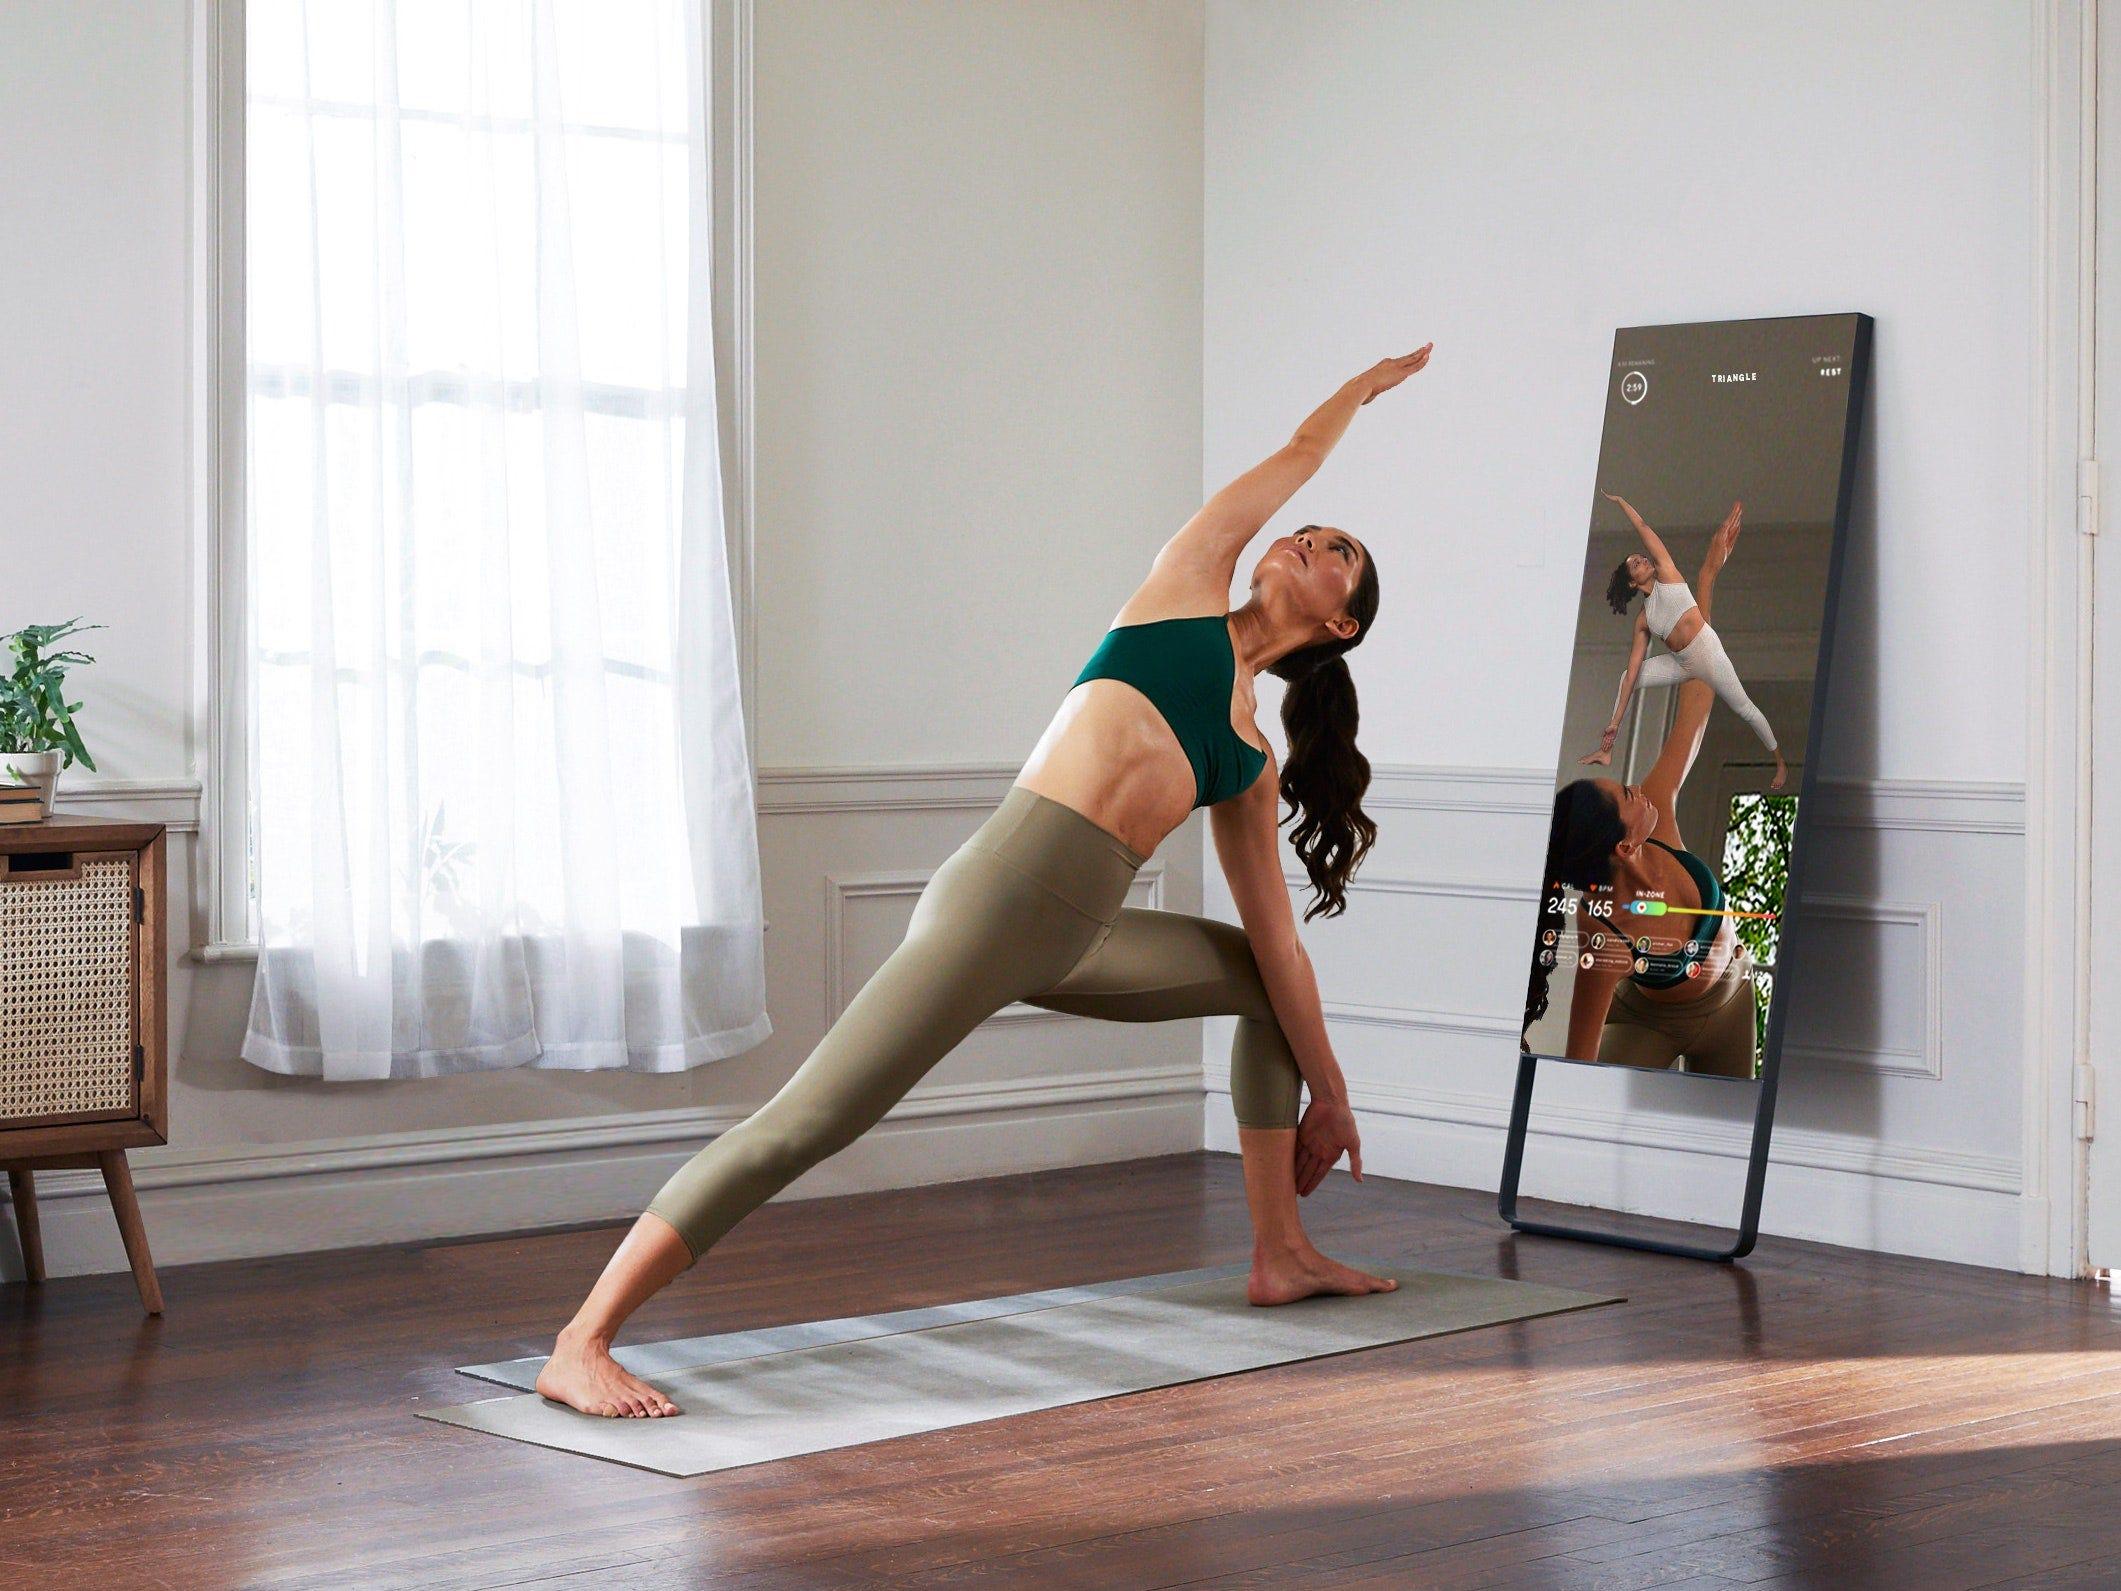 Женщина занимается йогой перед домашним фитнес-центром Mirror.